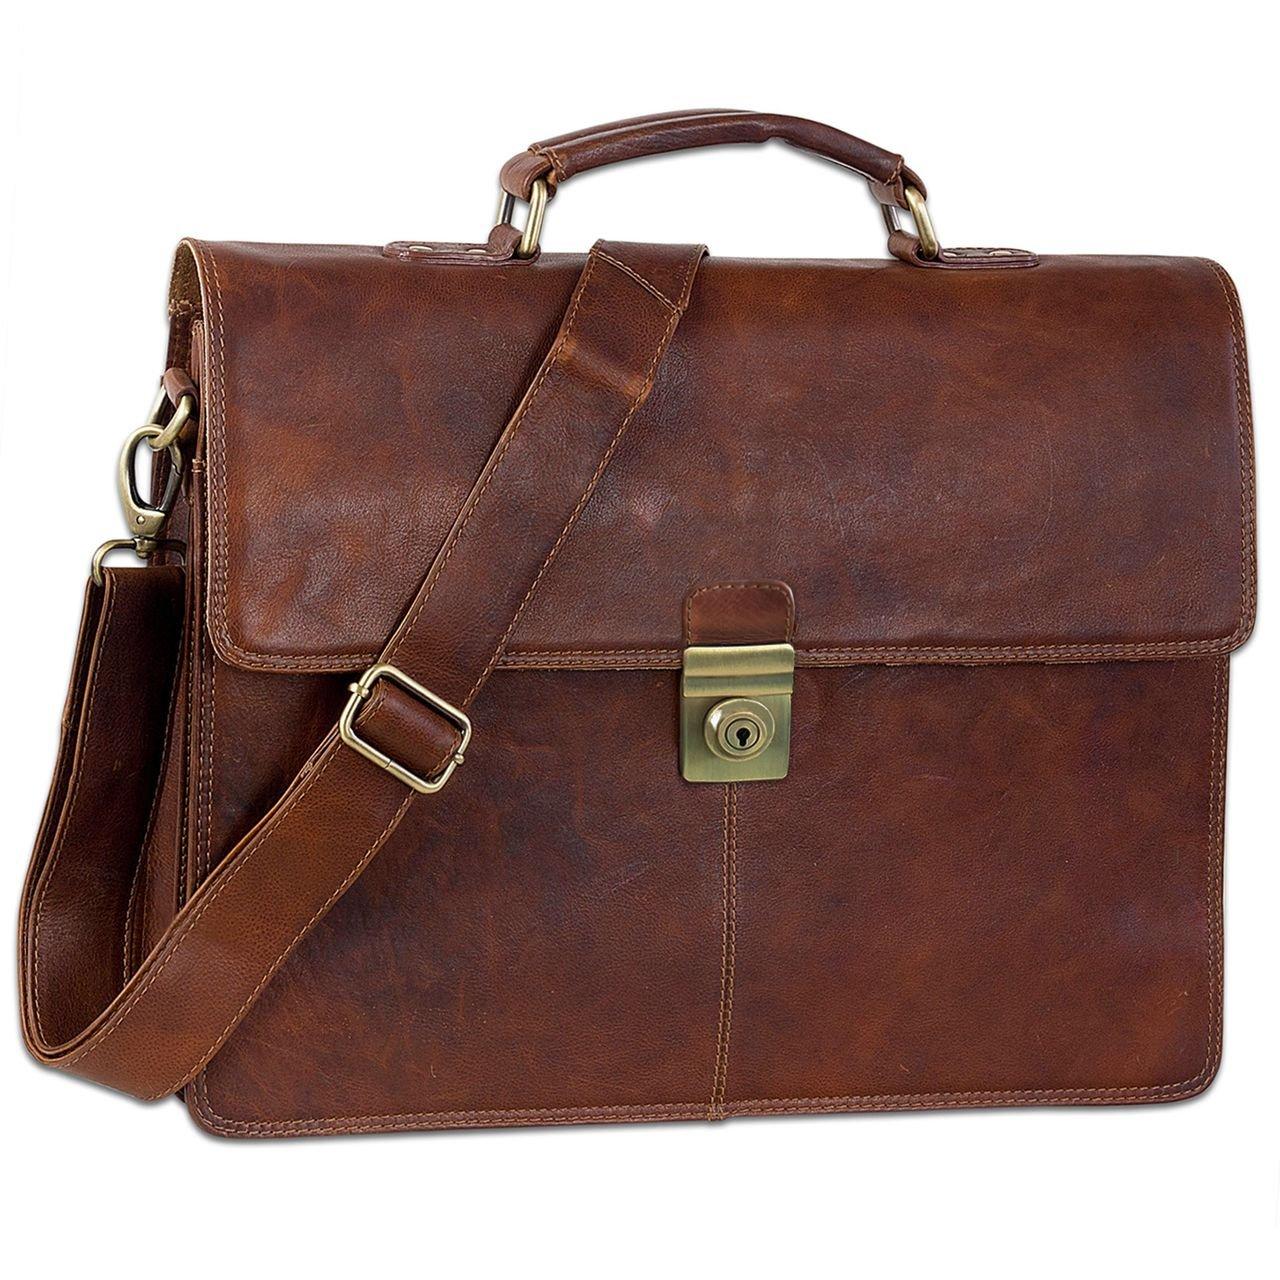 STILORD 'Theodor' Herren Aktentasche Leder Dokumententasche Laptoptasche Business Büro Tasche mit Schultergurt Klassisch Vintage, Farbe:Prestige - braun